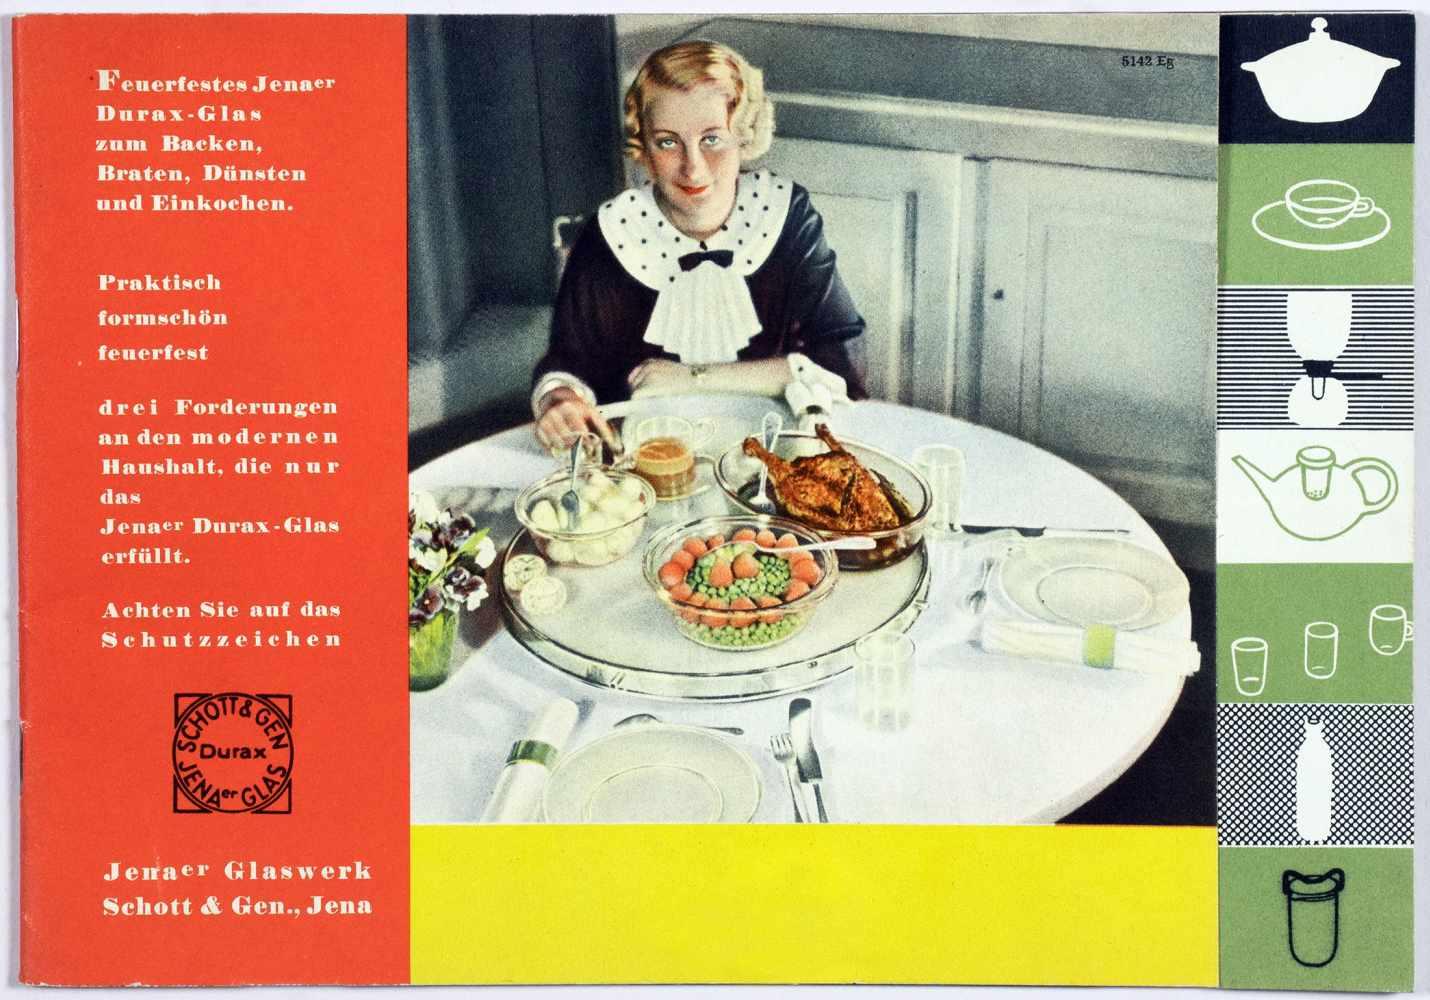 Laszlo Moholy-Nagy - Fünf Werbebroschüren und -flyer für das Jenaer Glaswerk Schott & Gen. Jena um - Image 5 of 5